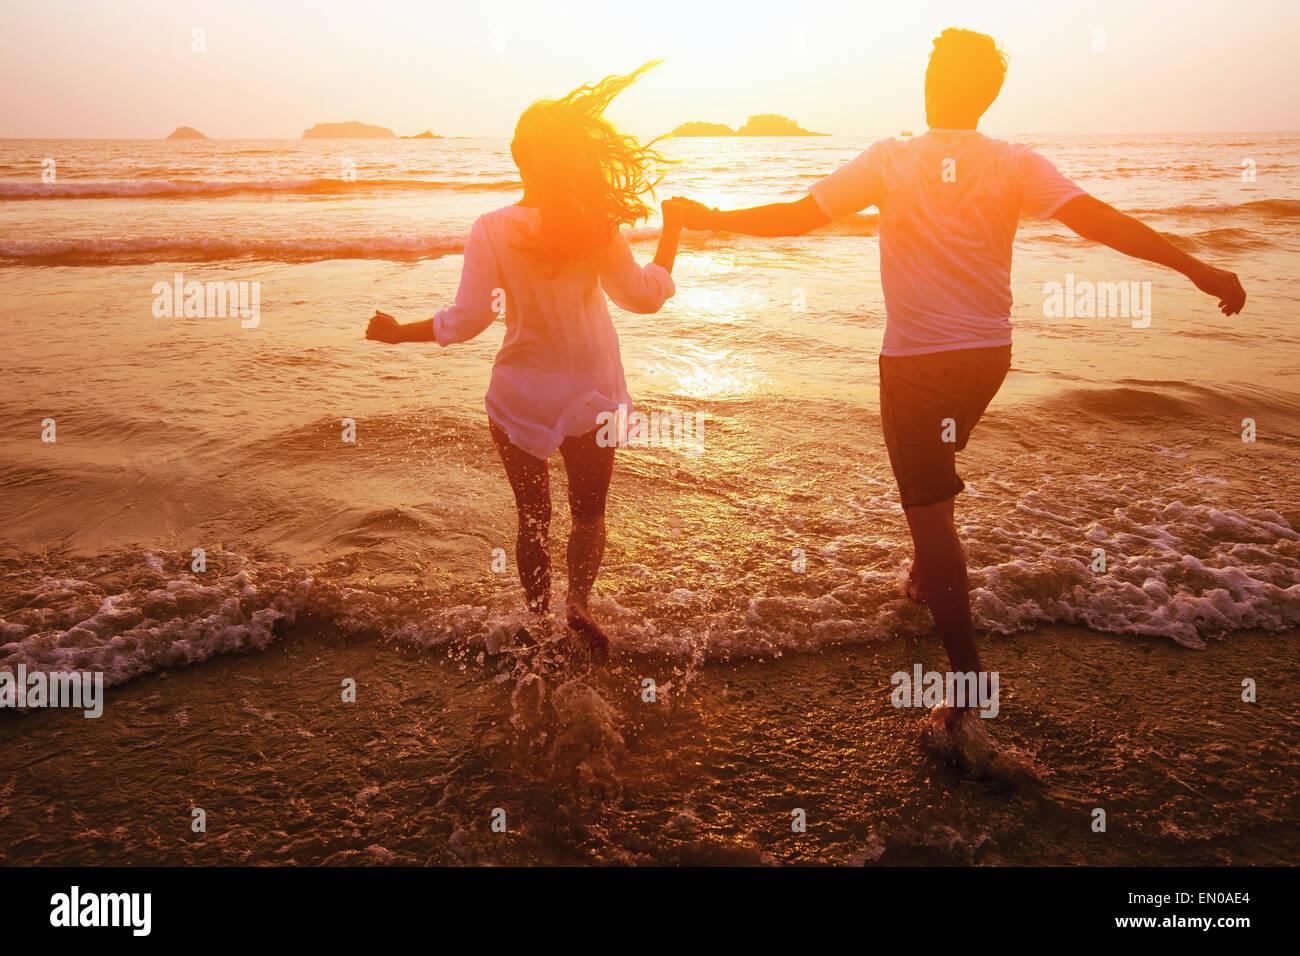 Silhouette de couple sur la plage, des vacances de rêve Photo Stock